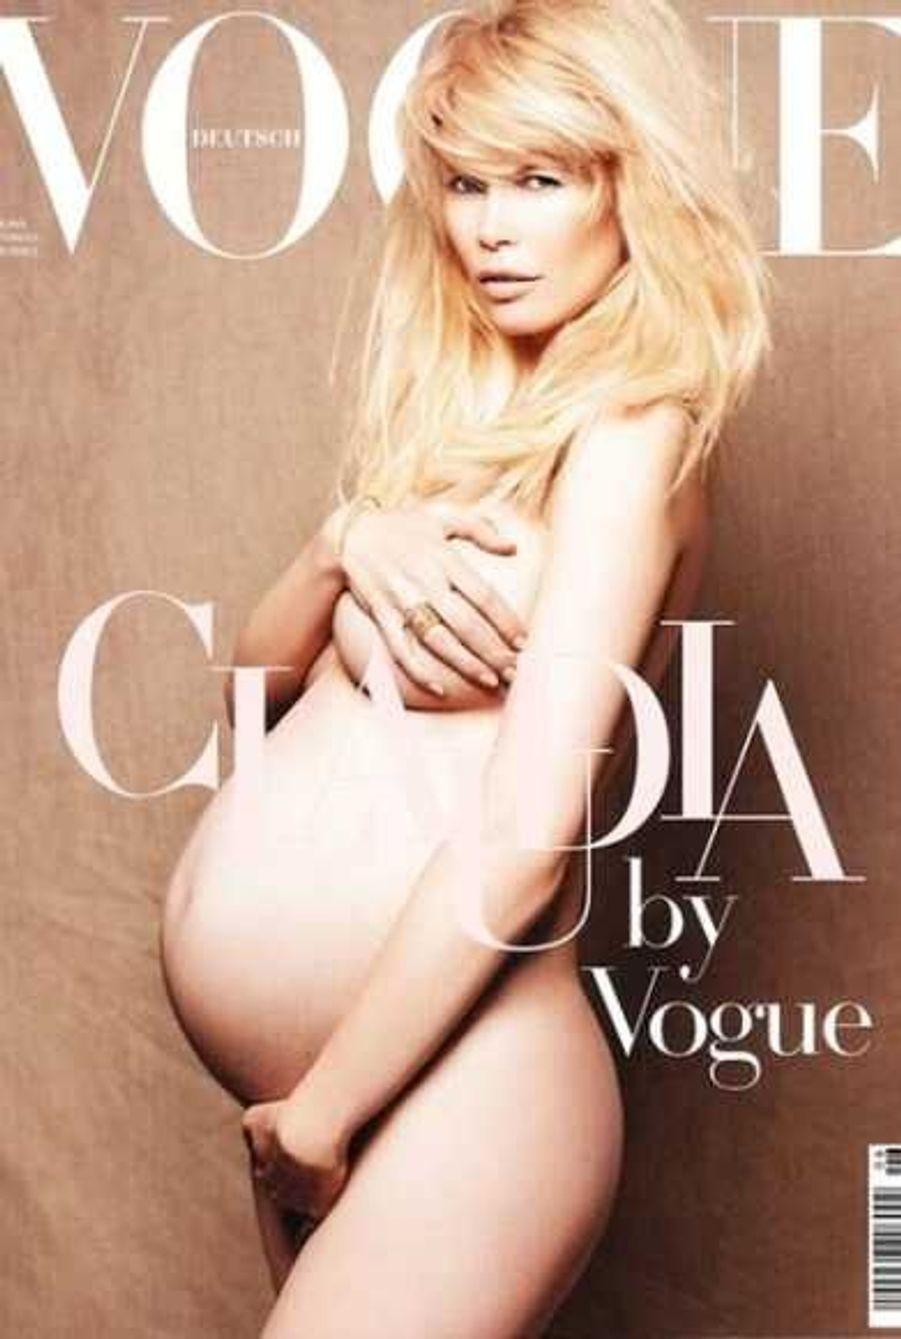 Claudia Schiffer en juin 2010, enceinte de son troisième enfant, Cosima Violet, en Une du Vogue allemand.